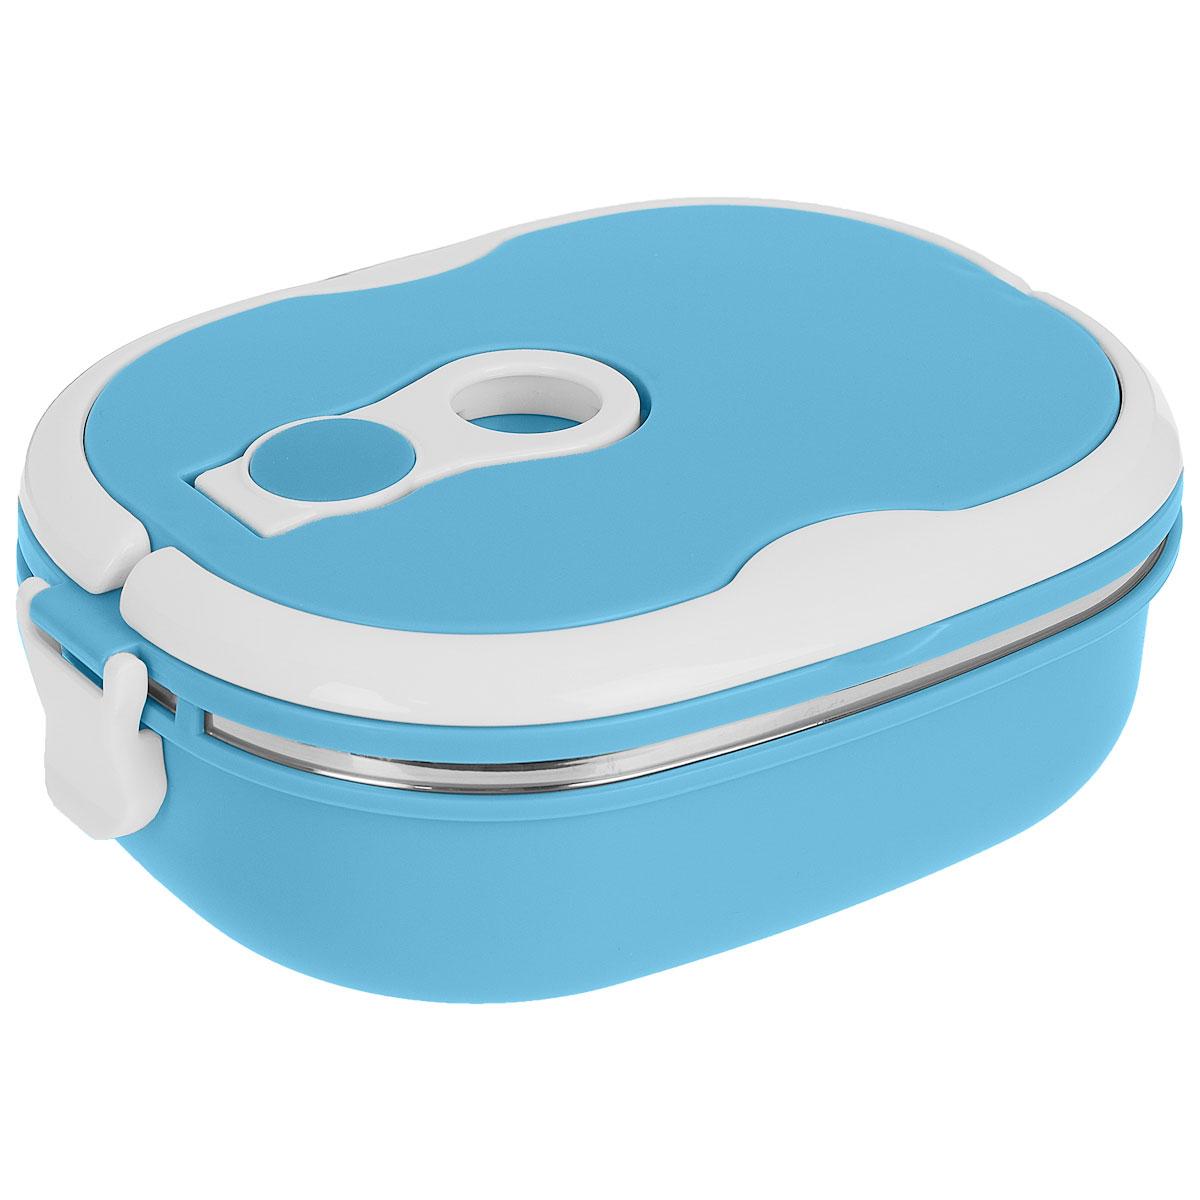 Термо ланч-бокс Bradex Bento, цвет: синий, 0,9 лTK 0049Компактный термо ланч-бокс Bradex Bento станет незаменимой вещью для офисных работников, водителей, школьников и студентов. Благодаря двойной стенке ланч-бокс сохраняет температуру продуктов в течение 4-5 часов, поэтому вы сможете насладиться теплым обедом и вне дома. Ланч-бокс имеет абсолютно герметичную конструкцию и складные ручки для удобства переноски, также он пригоден для мытья в посудомоечной машине.